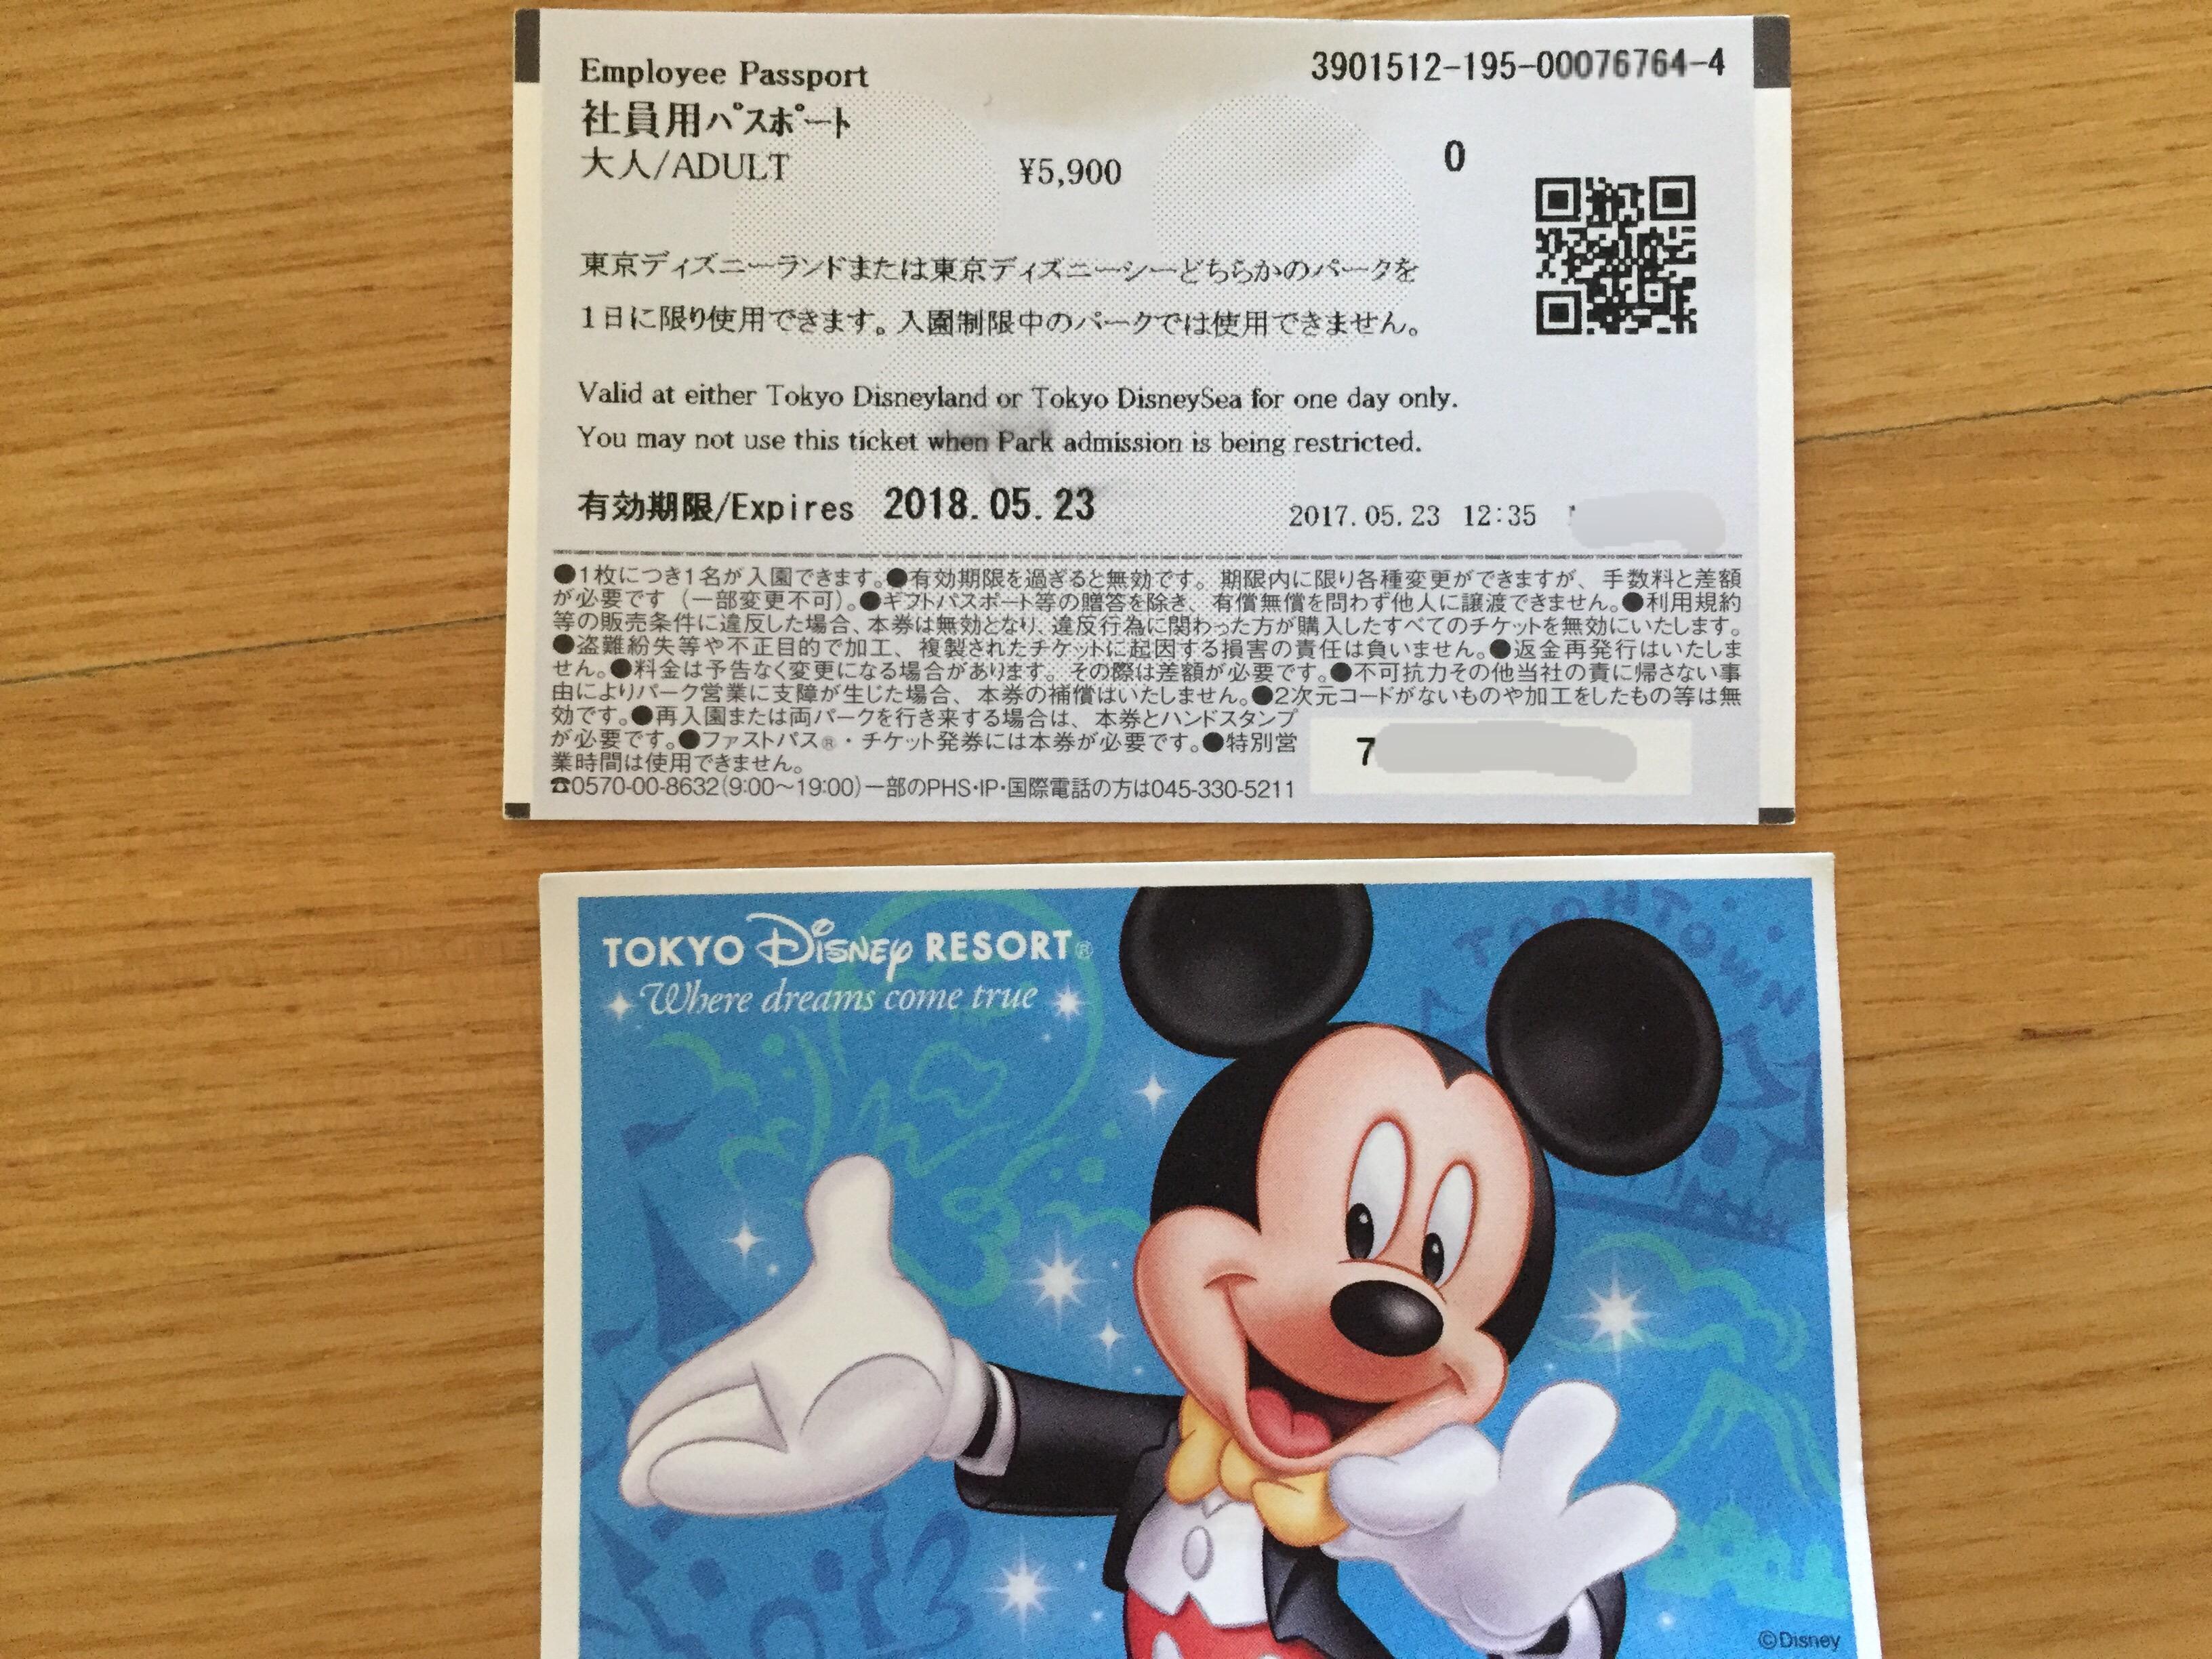 ディズニーチケットを社員割引で安く購入!初めての子連れディズニー